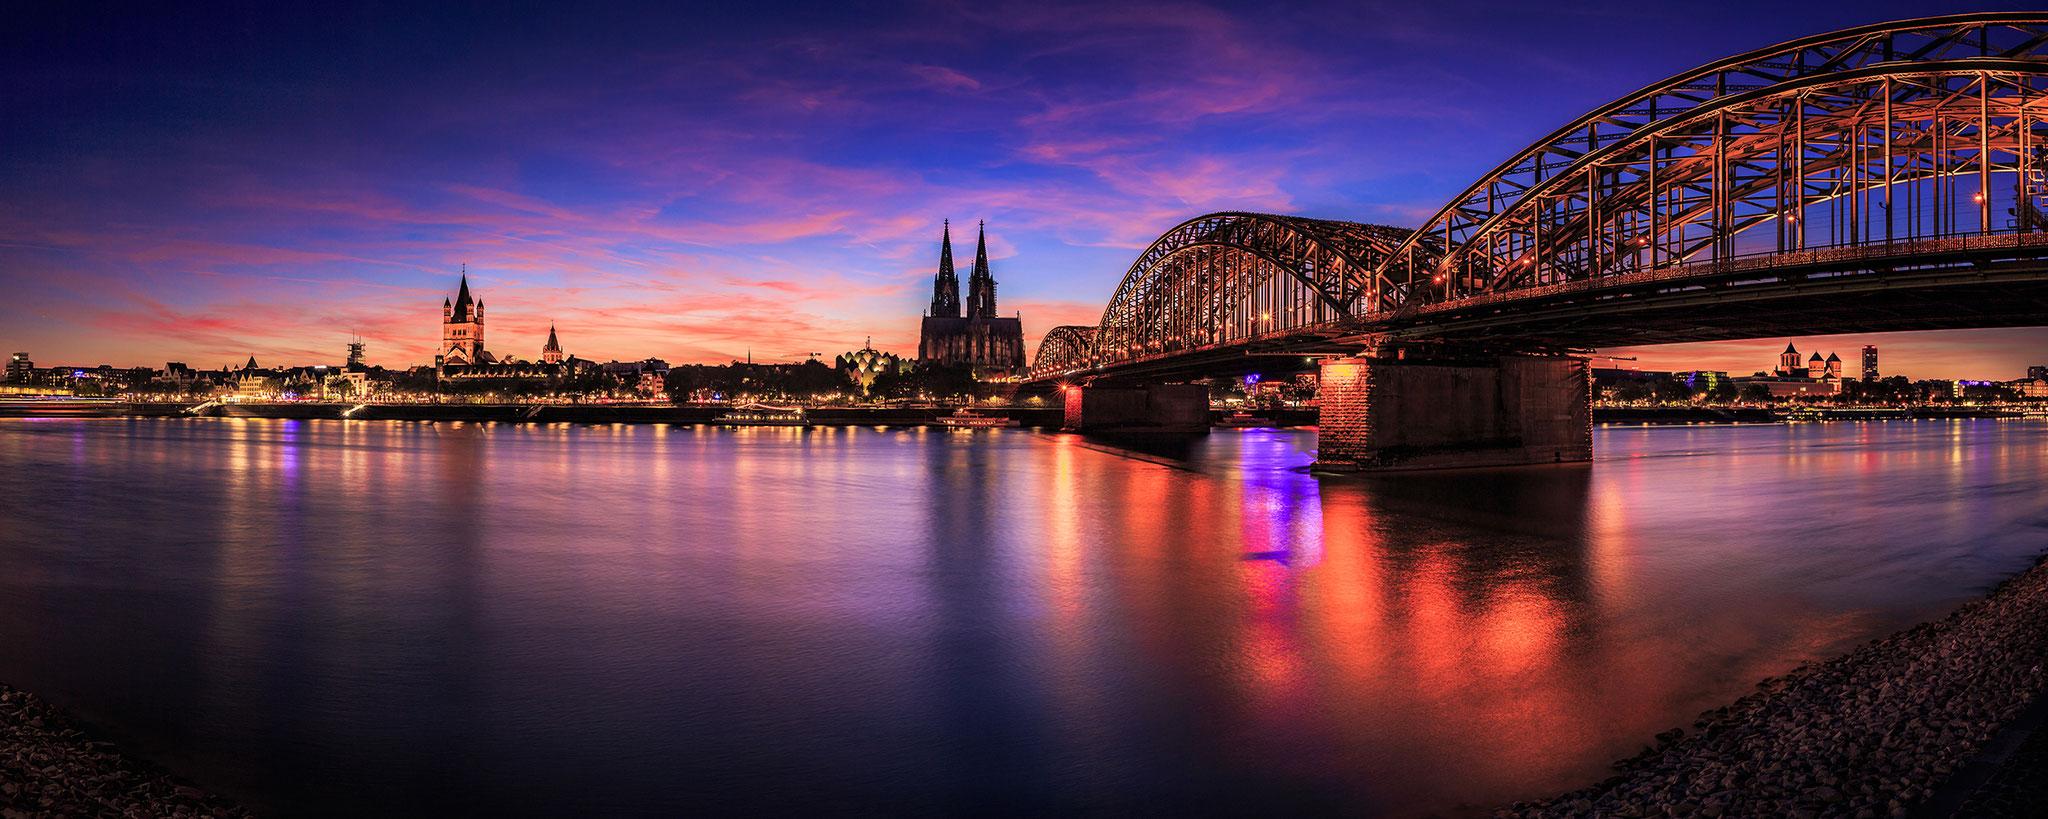 Cologne, Germany, Martijn van Steenbergen, © 2018